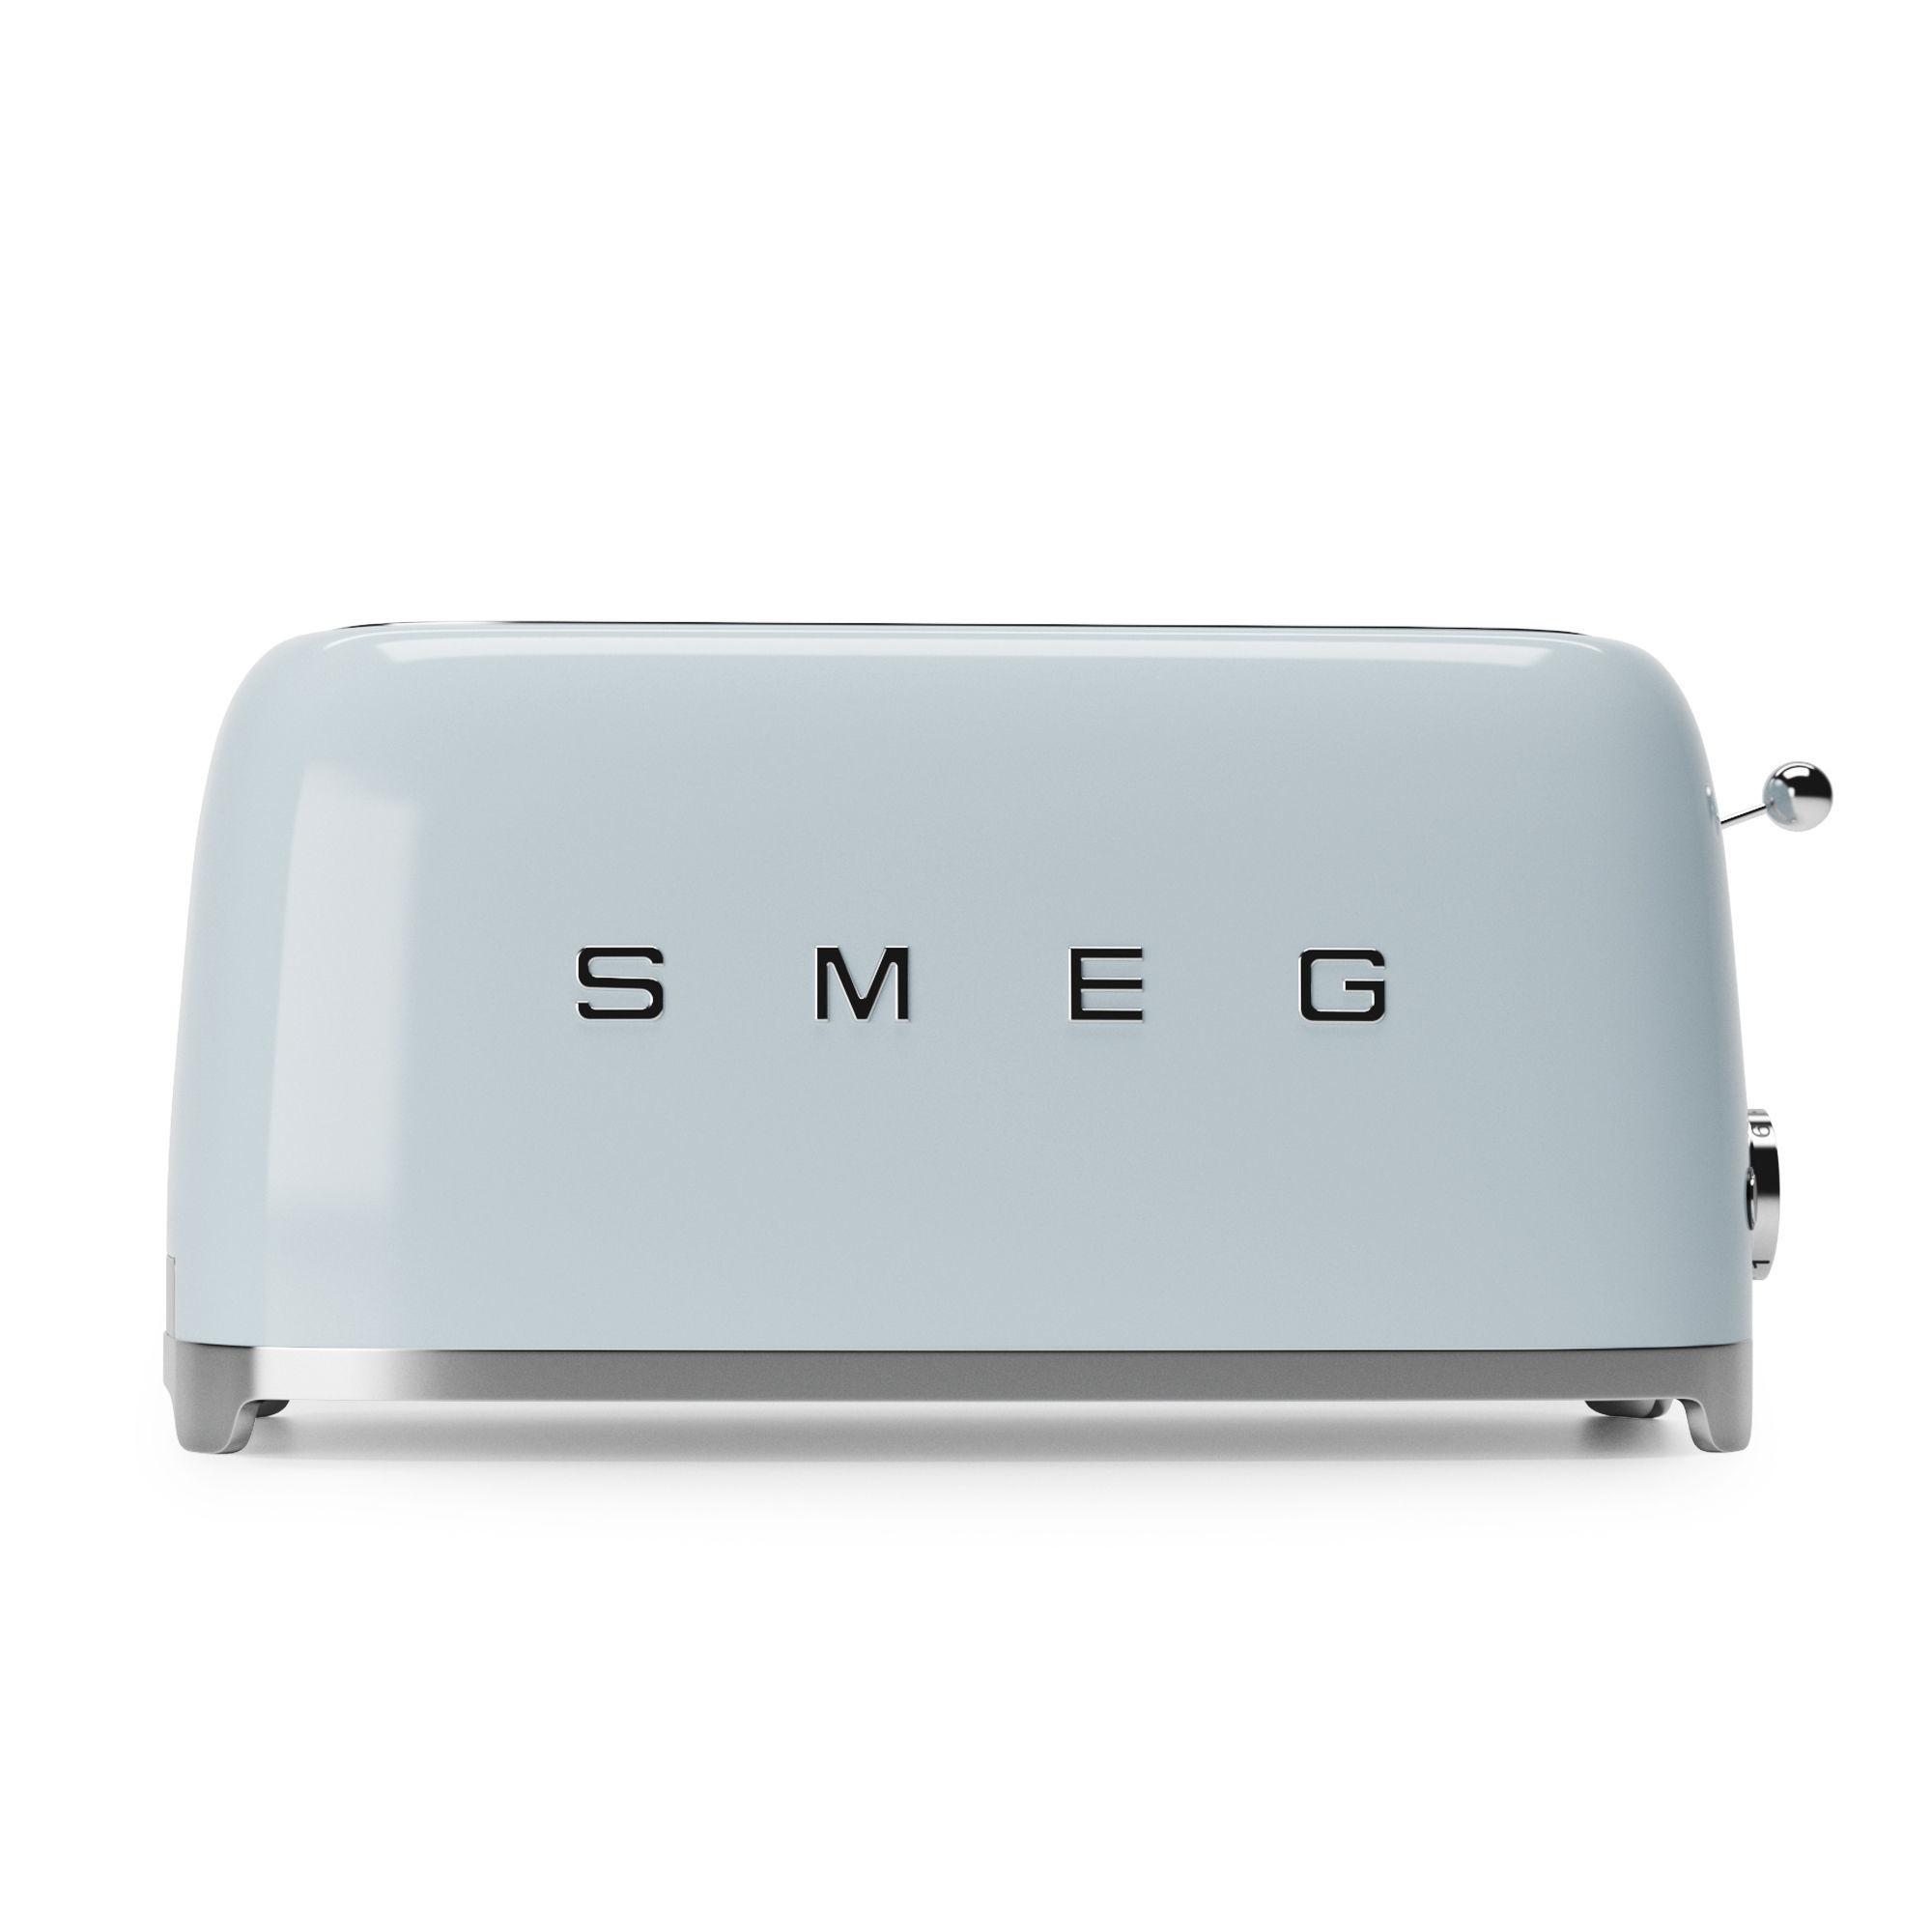 SMEG toaster 50s Retro Style Aesthetic